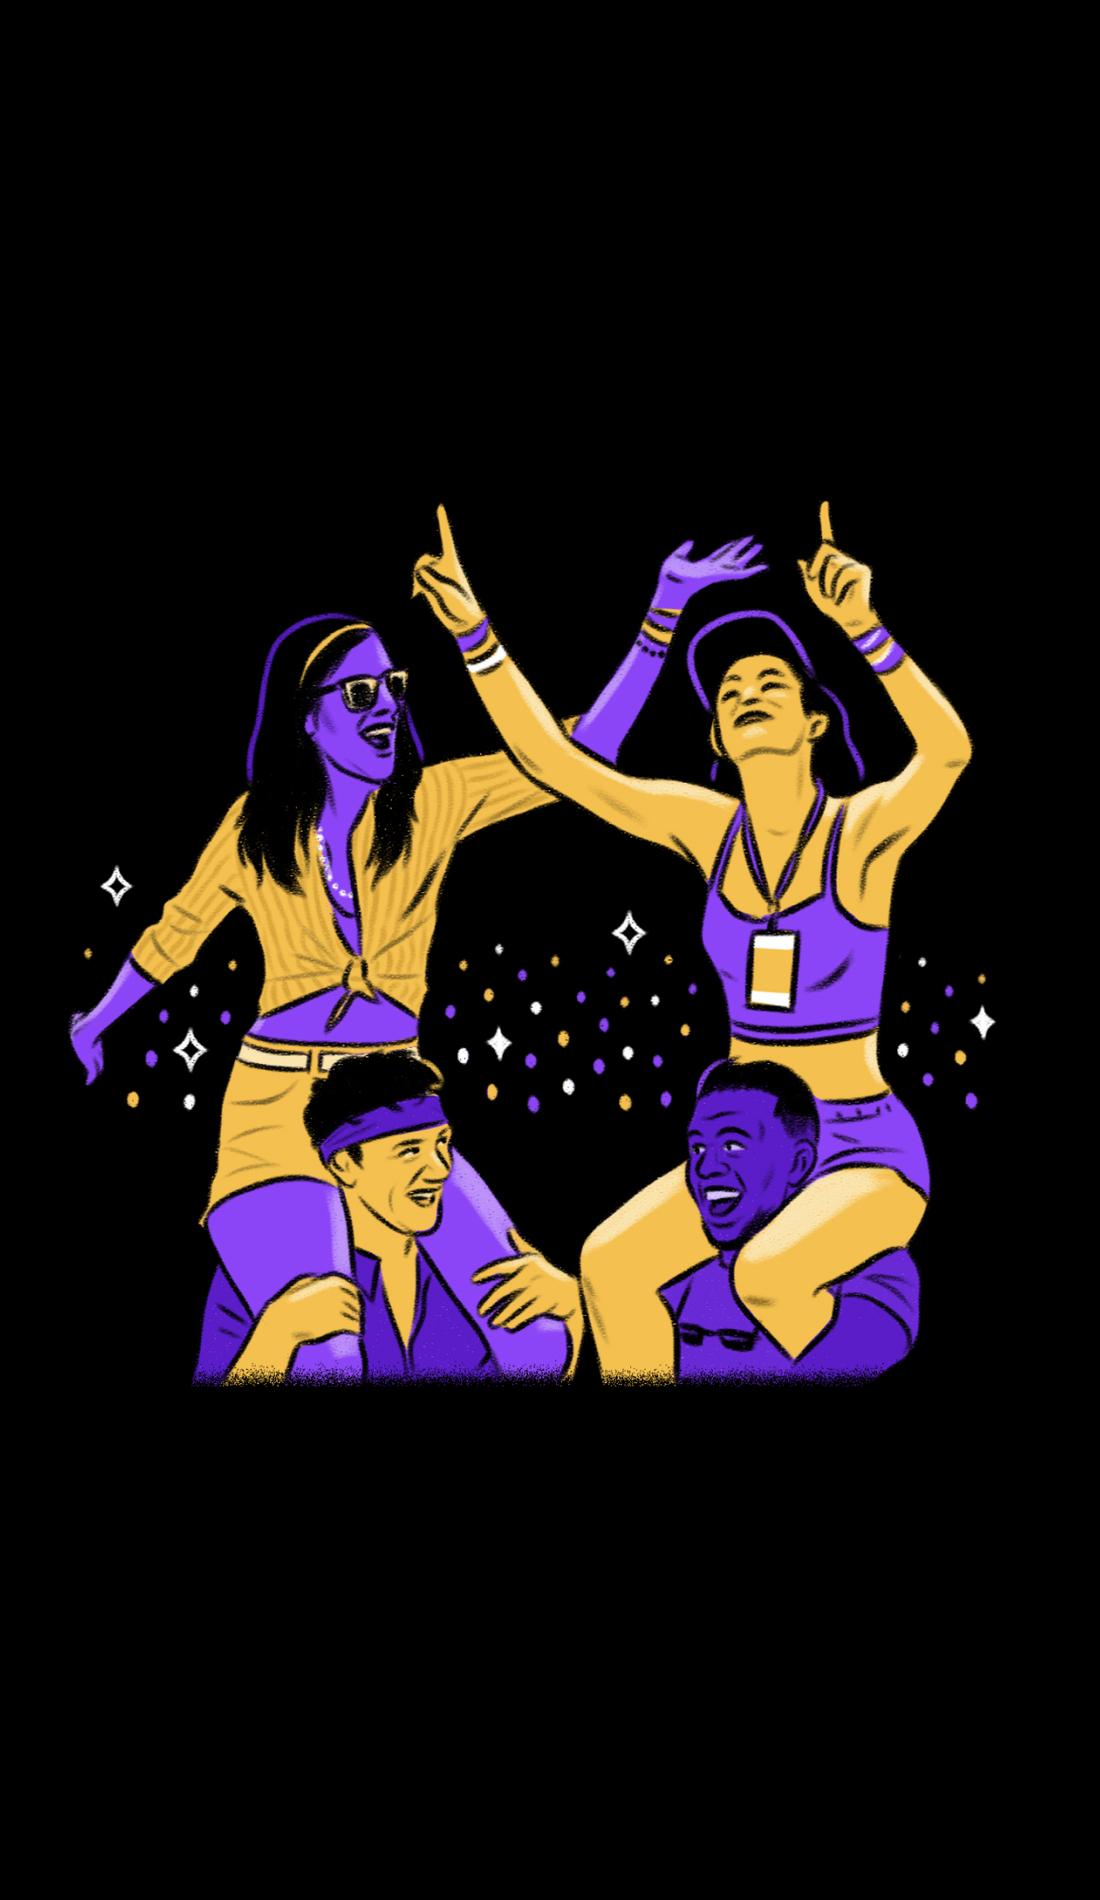 A Riot Fest live event